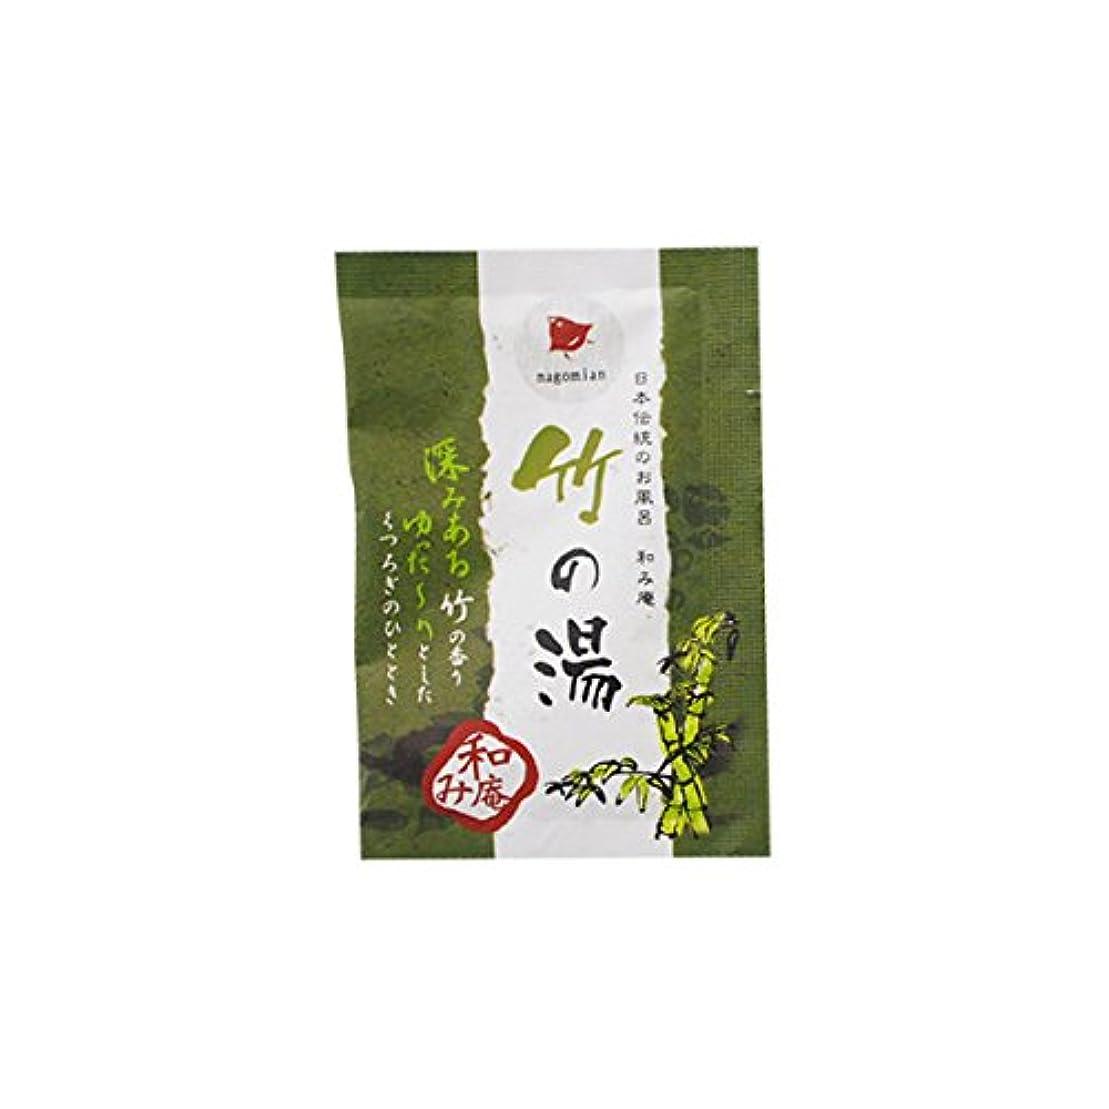 ジャーナル眩惑するタール和み庵 入浴剤 「竹の湯」30個